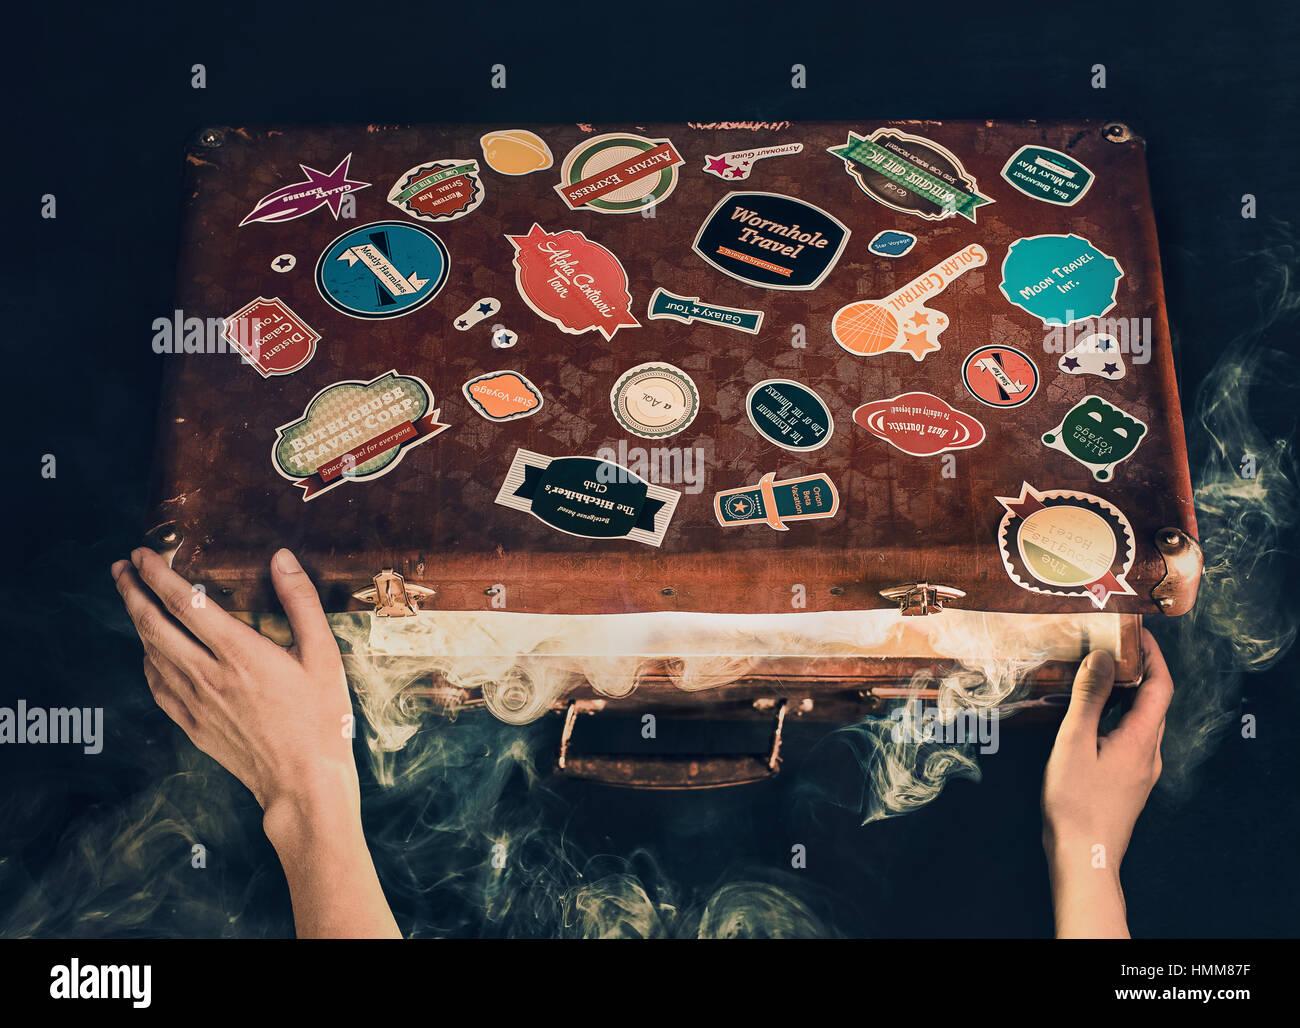 Imballaggio per i viaggi nello spazio Immagini Stock